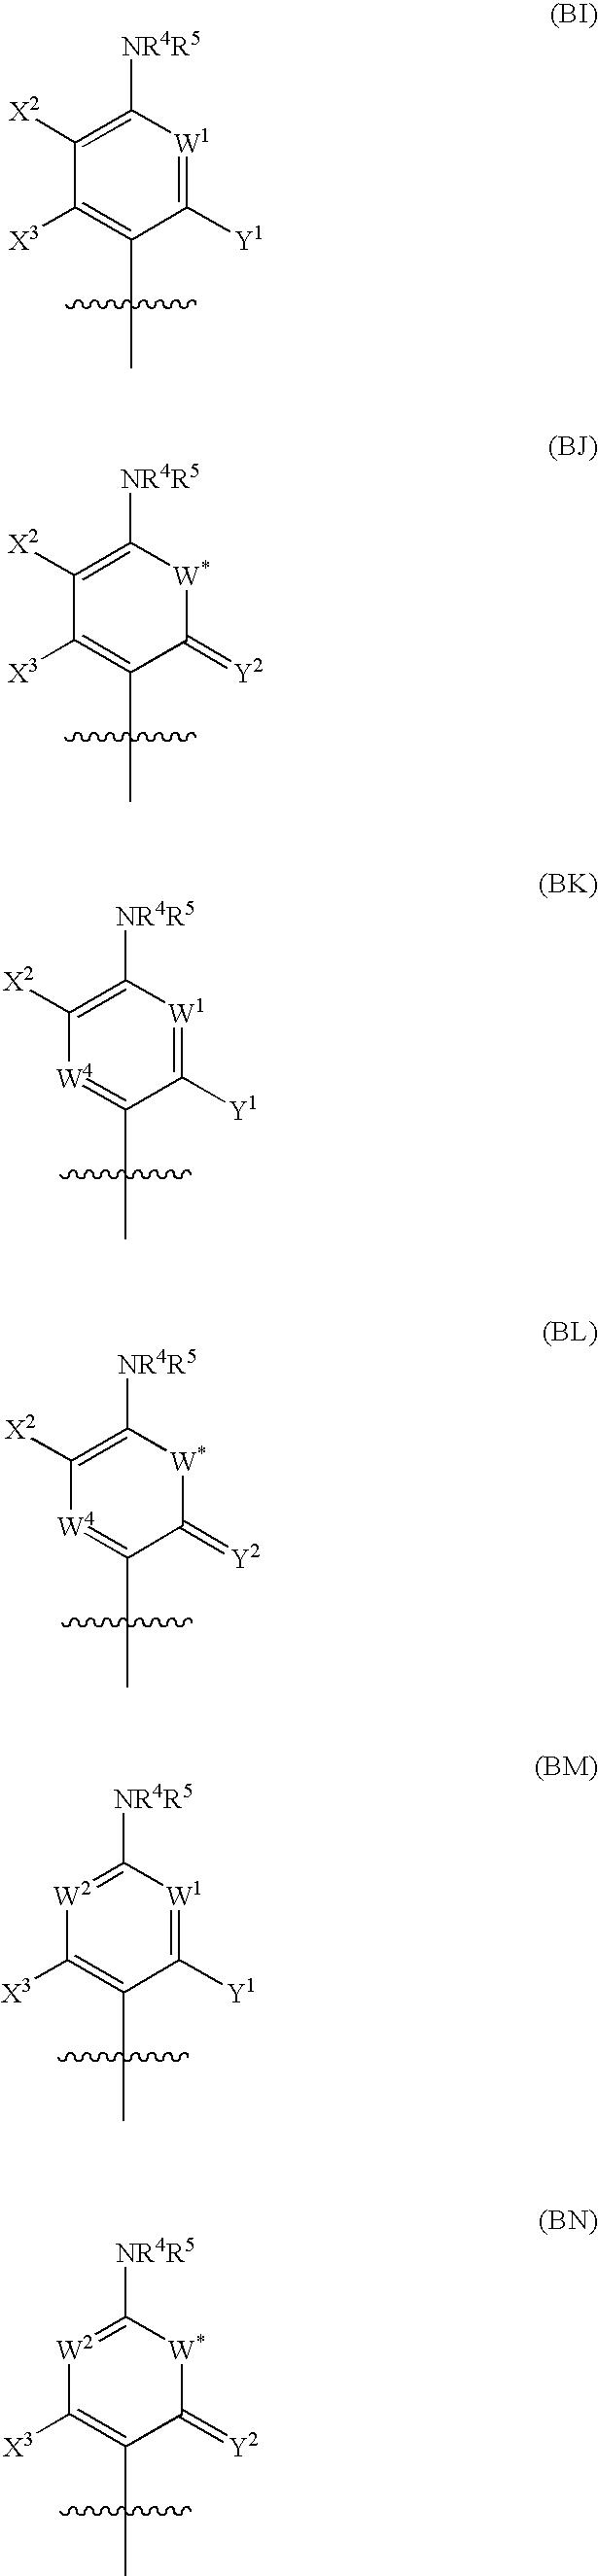 Figure US07608600-20091027-C00011